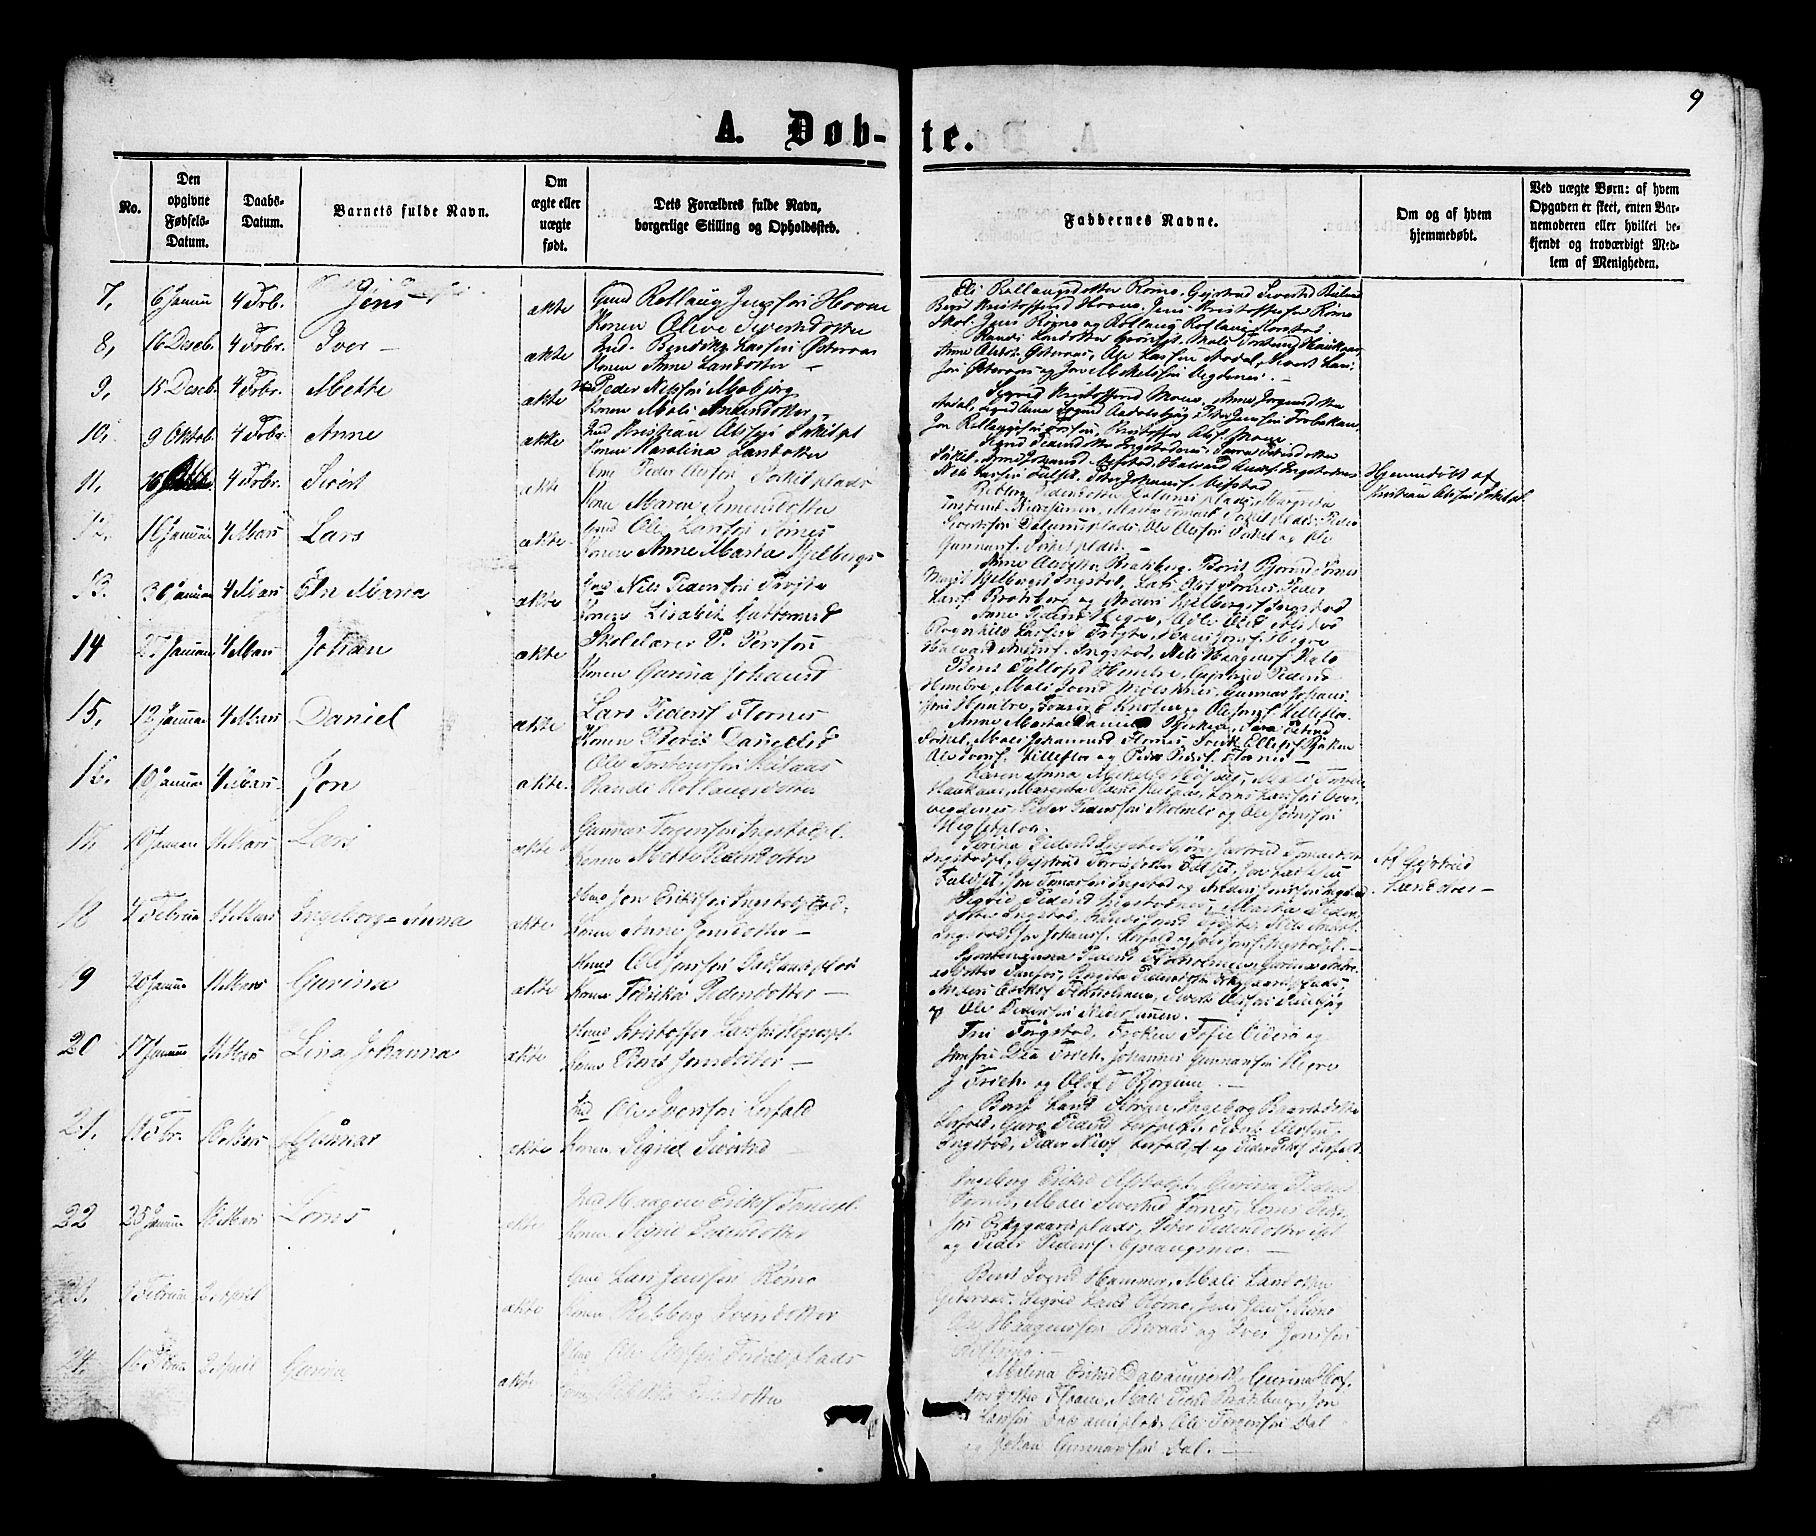 SAT, Ministerialprotokoller, klokkerbøker og fødselsregistre - Nord-Trøndelag, 703/L0038: Parish register (copy) no. 703C01, 1864-1870, p. 9